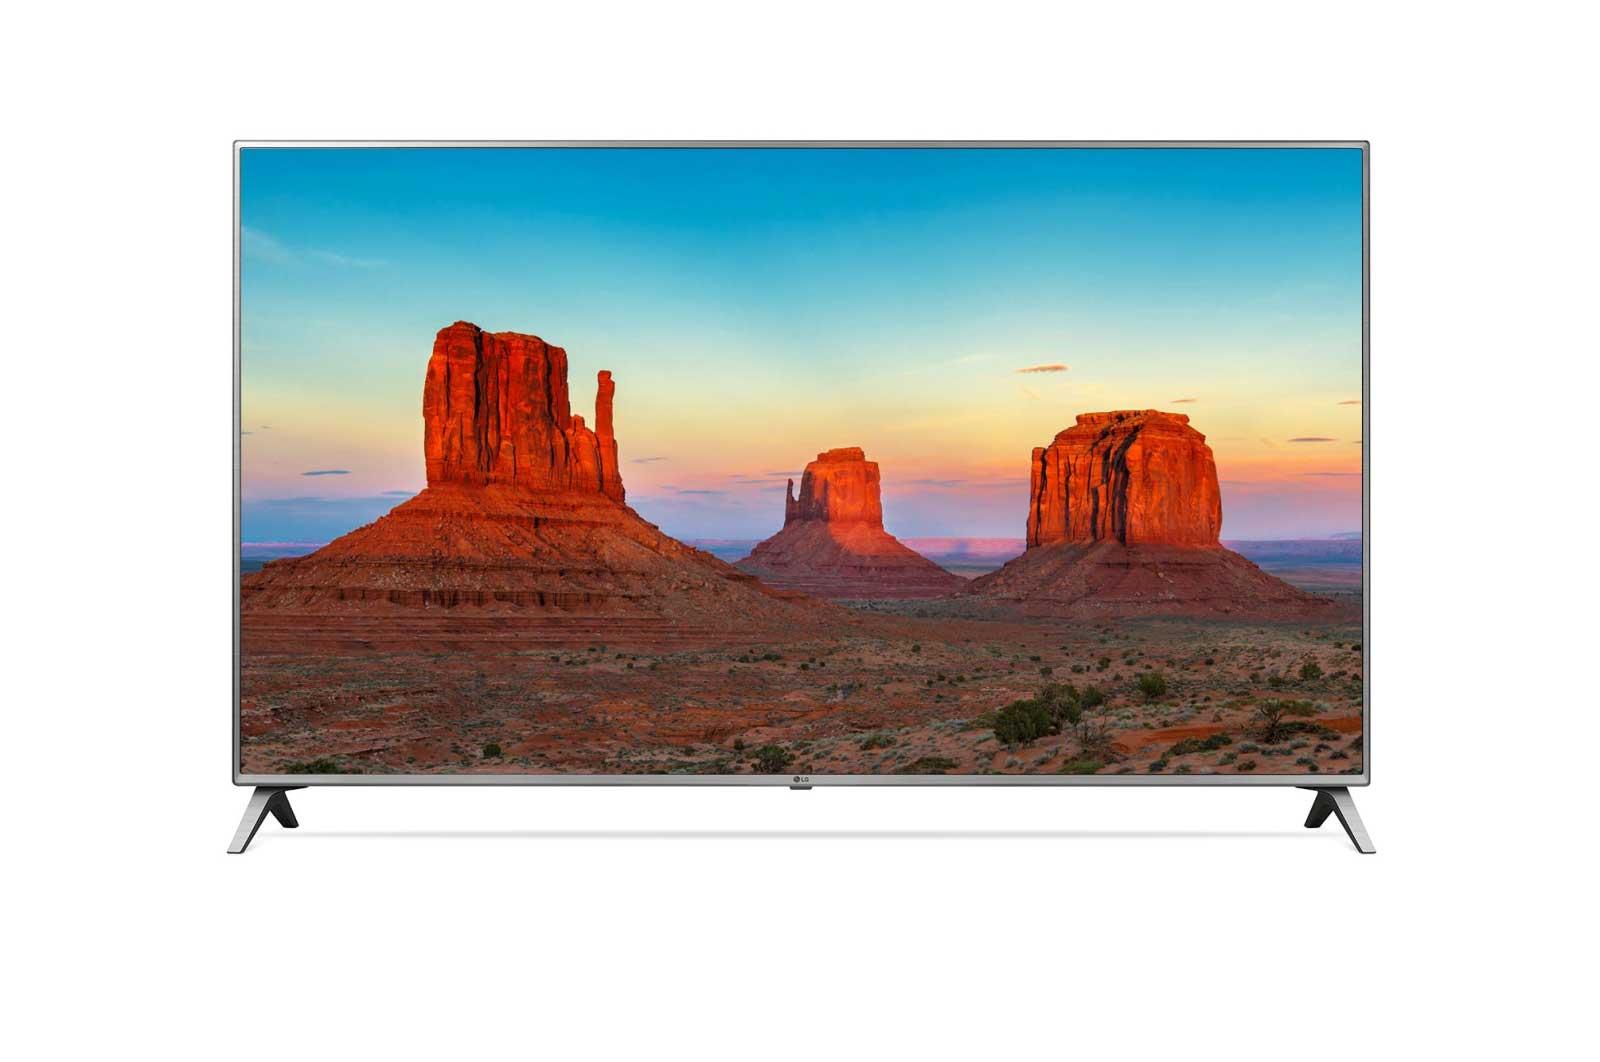 قیمت تلویزیون 75 اینچ و 4K ال جی مدل 75UK7000